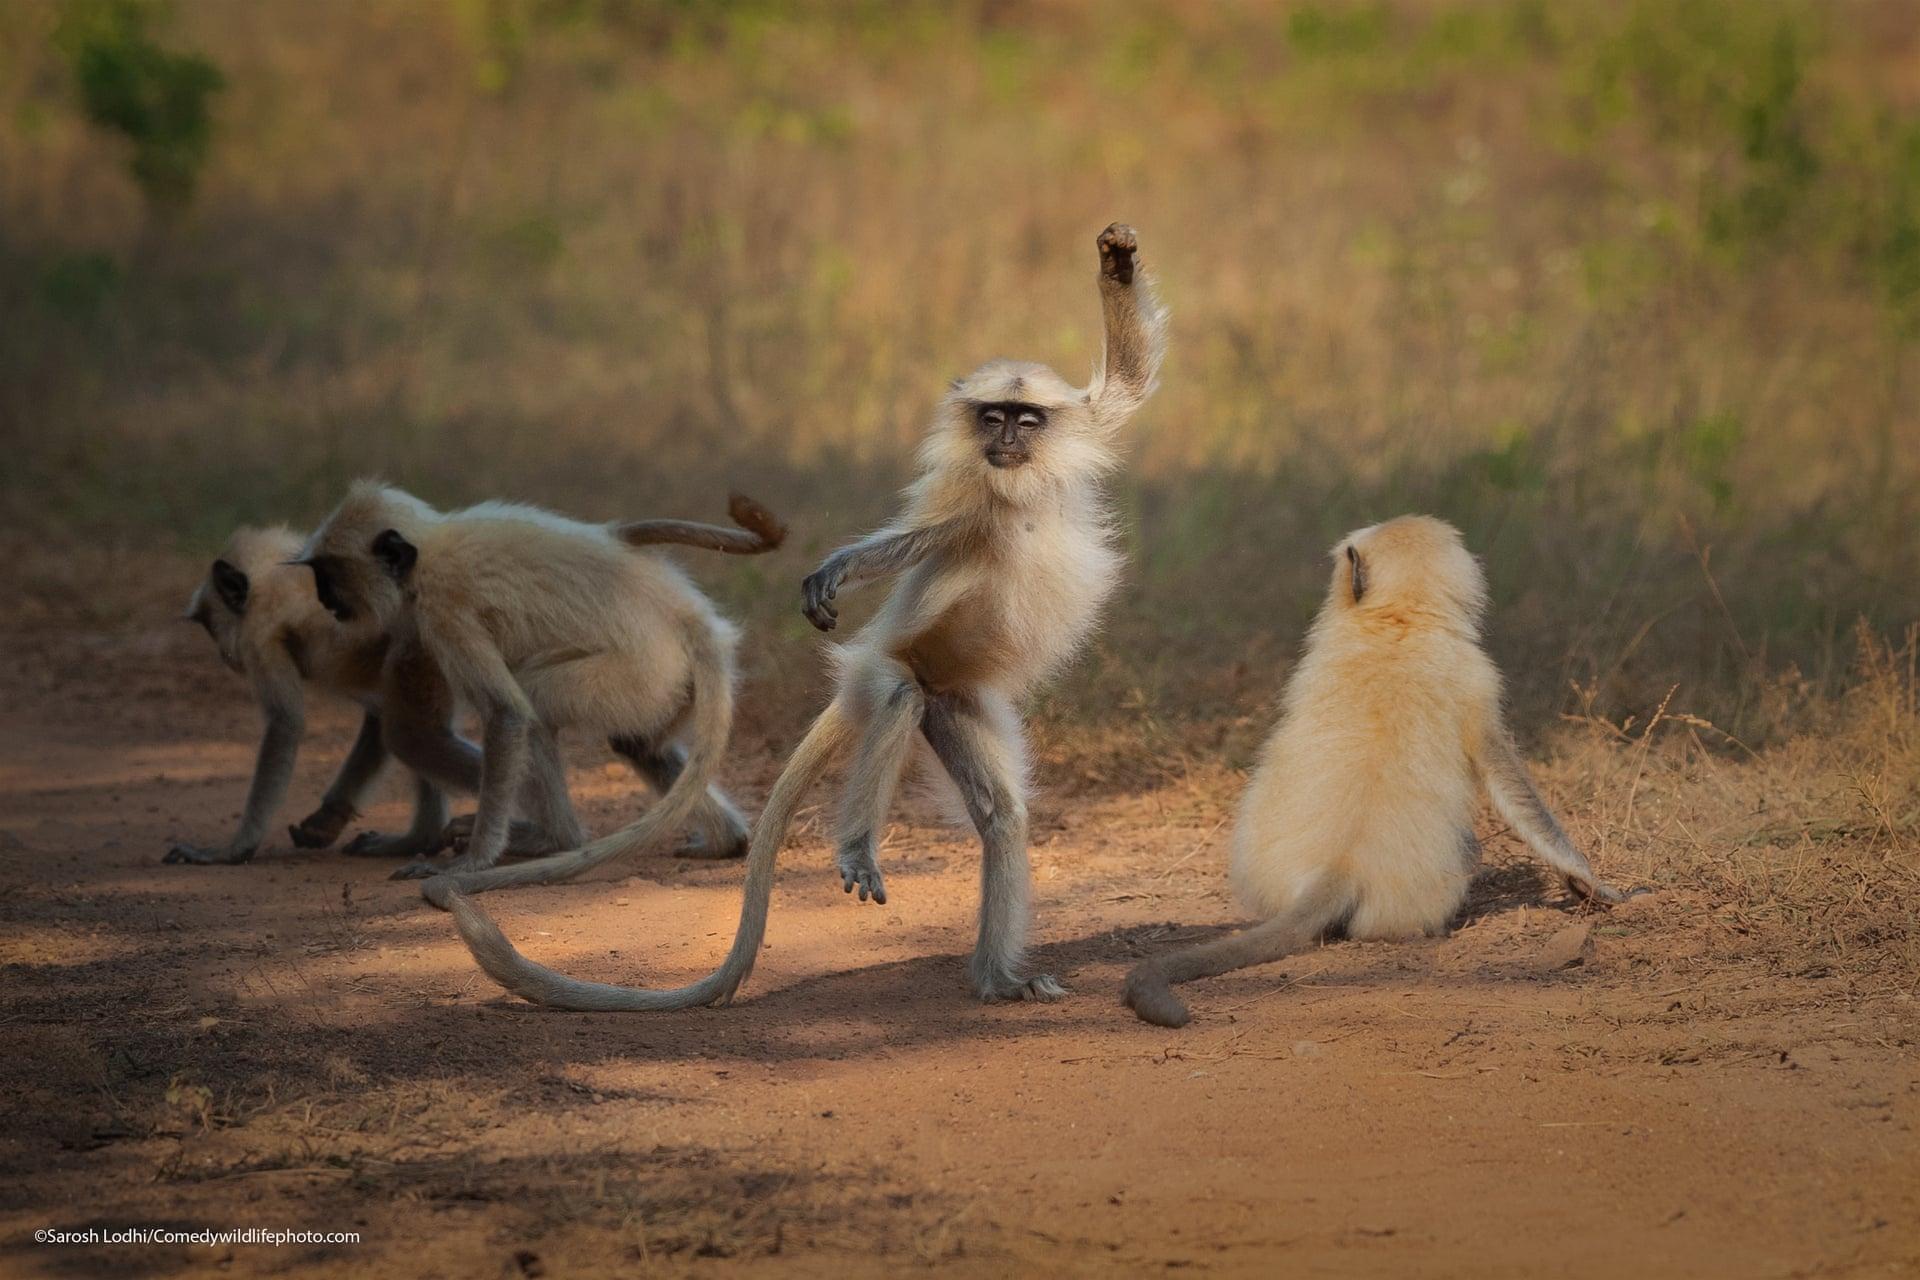 Μαϊμούδες με μακριά ουρά διασκεδάζουν στο καταφύγιο τίγρεων Ταντόμπα Αντάρι, στην Ινδία